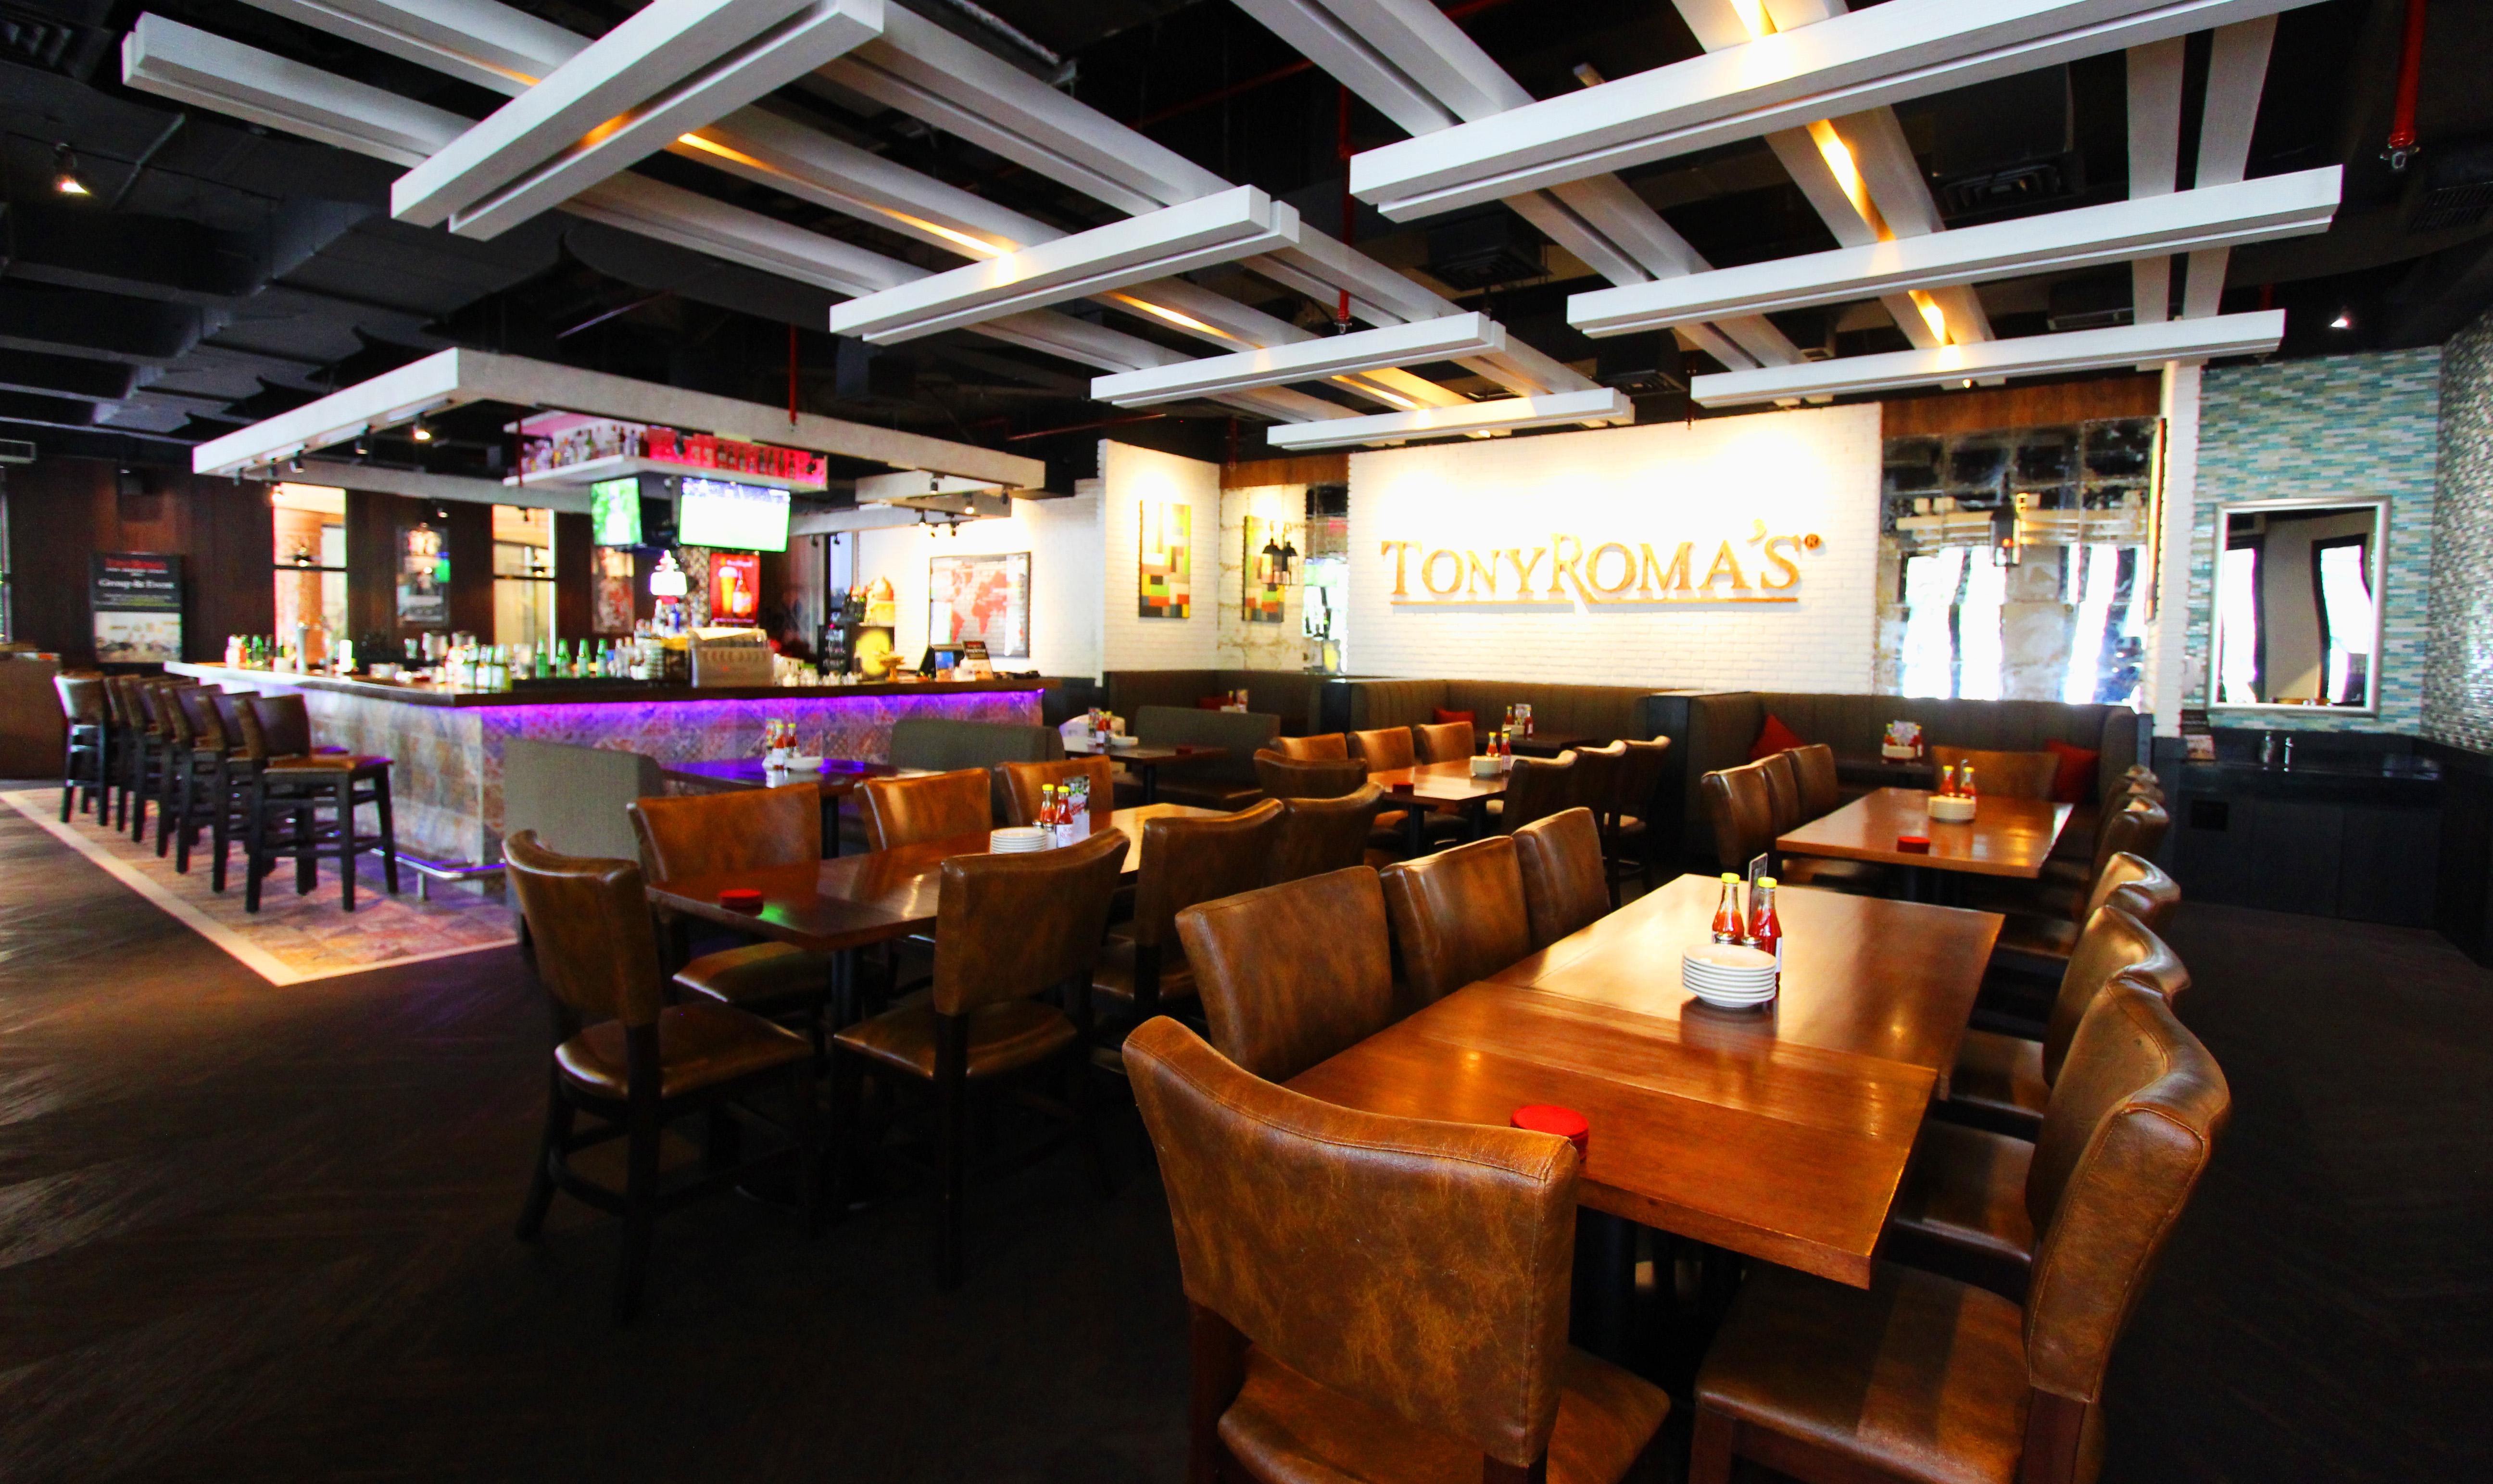 Tony Roma's Bali